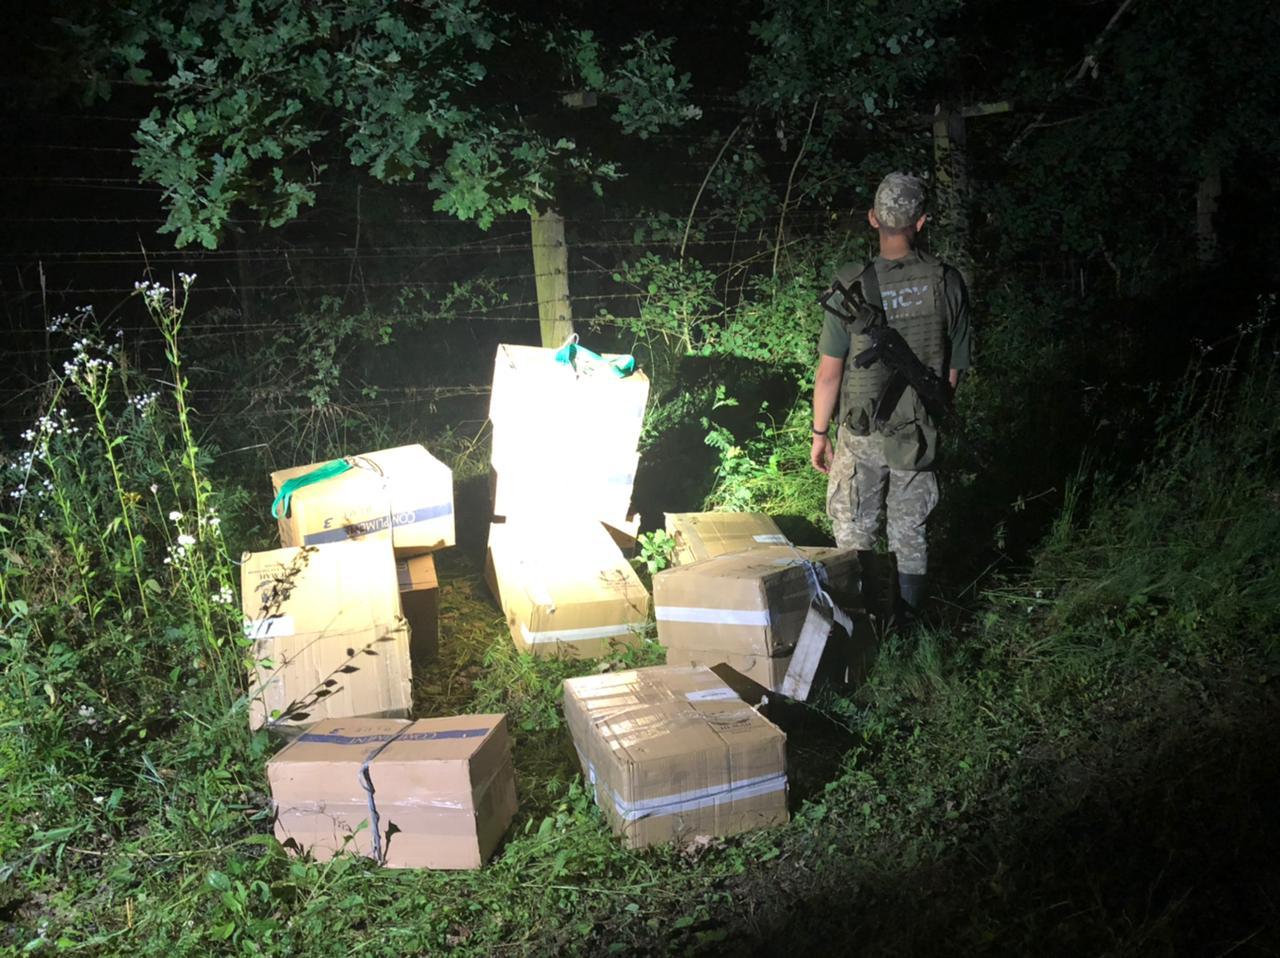 Закарпатські прикордонники знайшли поблизу пошкодженого загороджувального паркану 12 ящиків цигарок